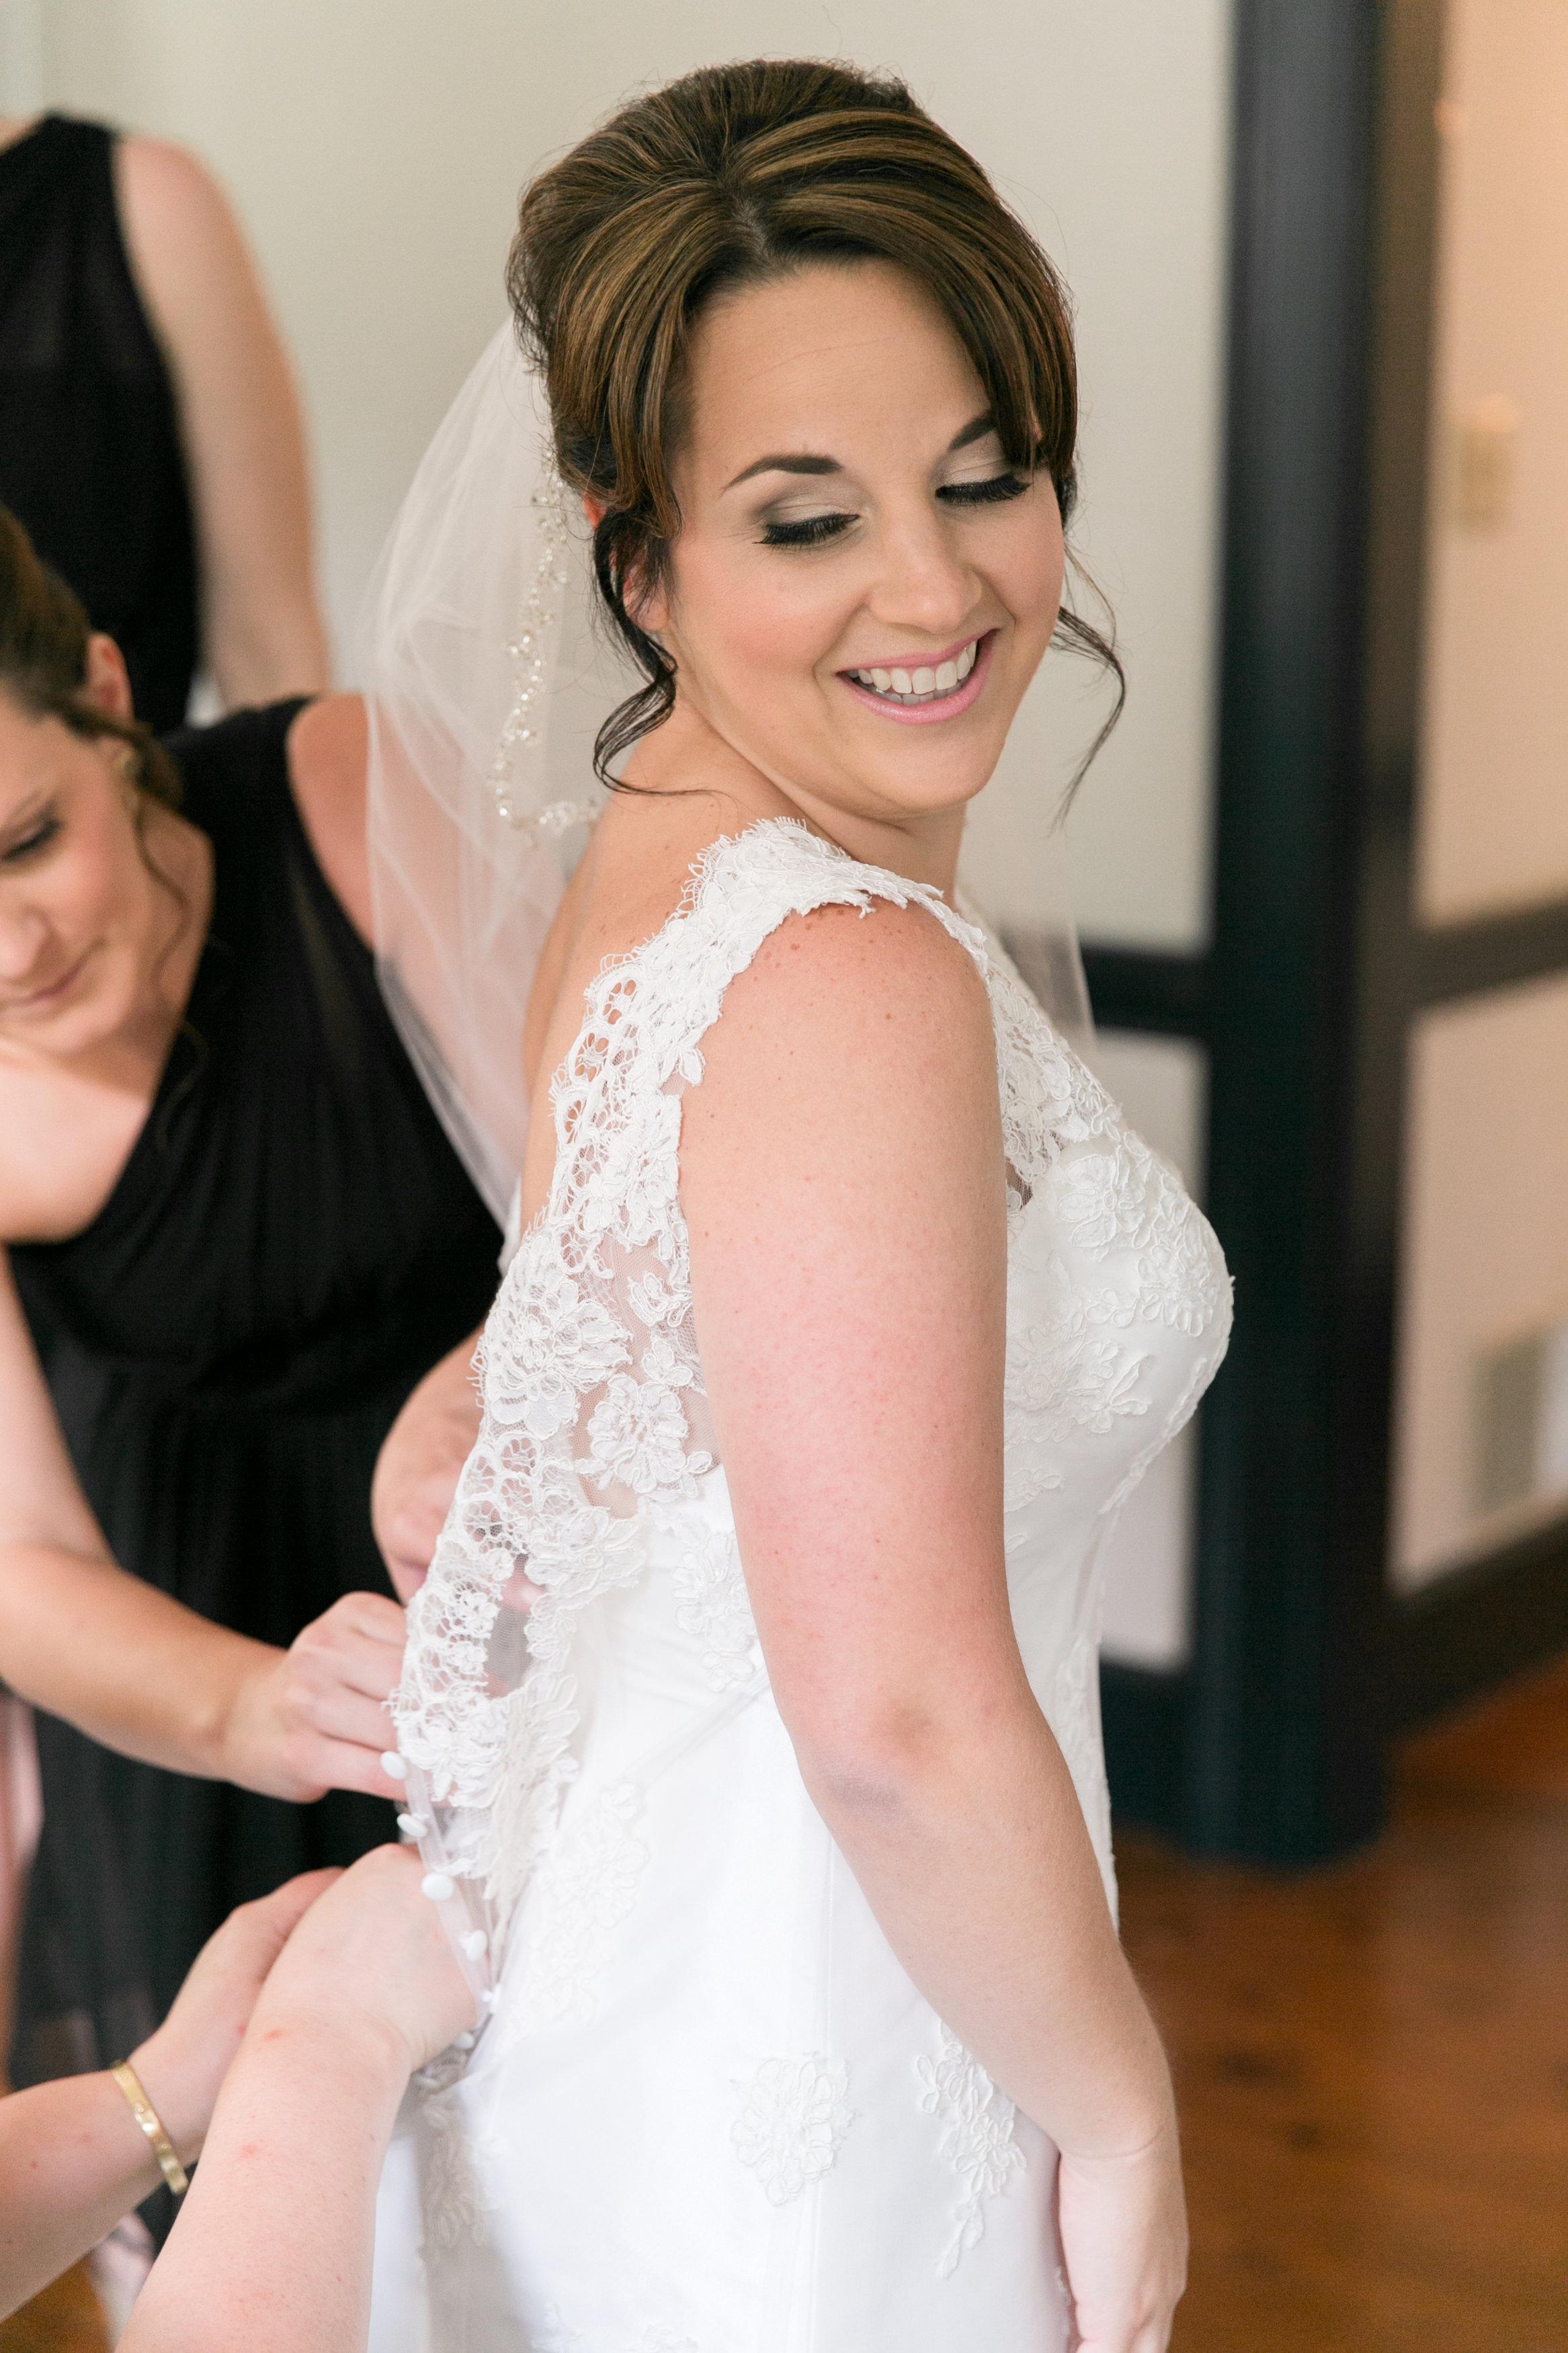 View More: http://brittneykreider.pass.us/ryan_chelsea_wedding